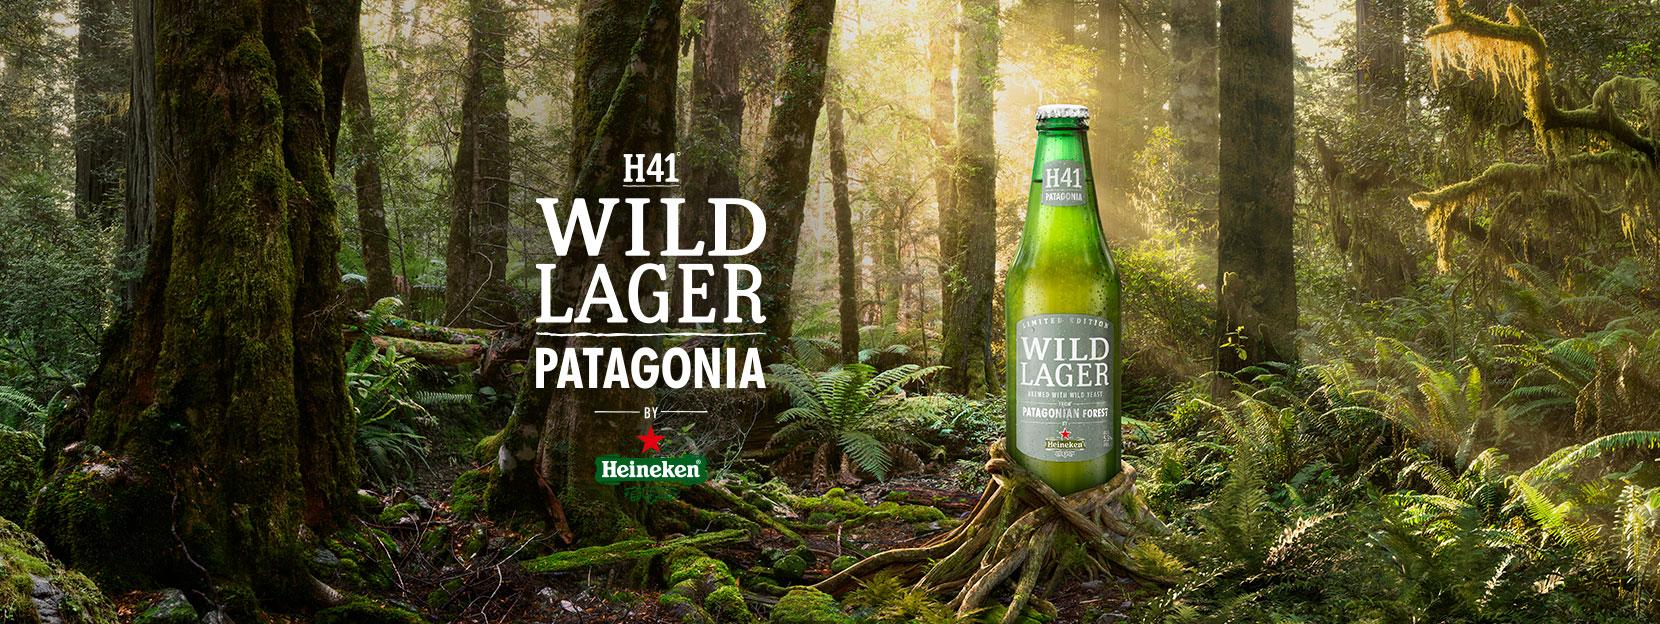 HEINEKEN® WILD LAGER PATAGONIA Hecha con levadura salvaje de la Patagonia.